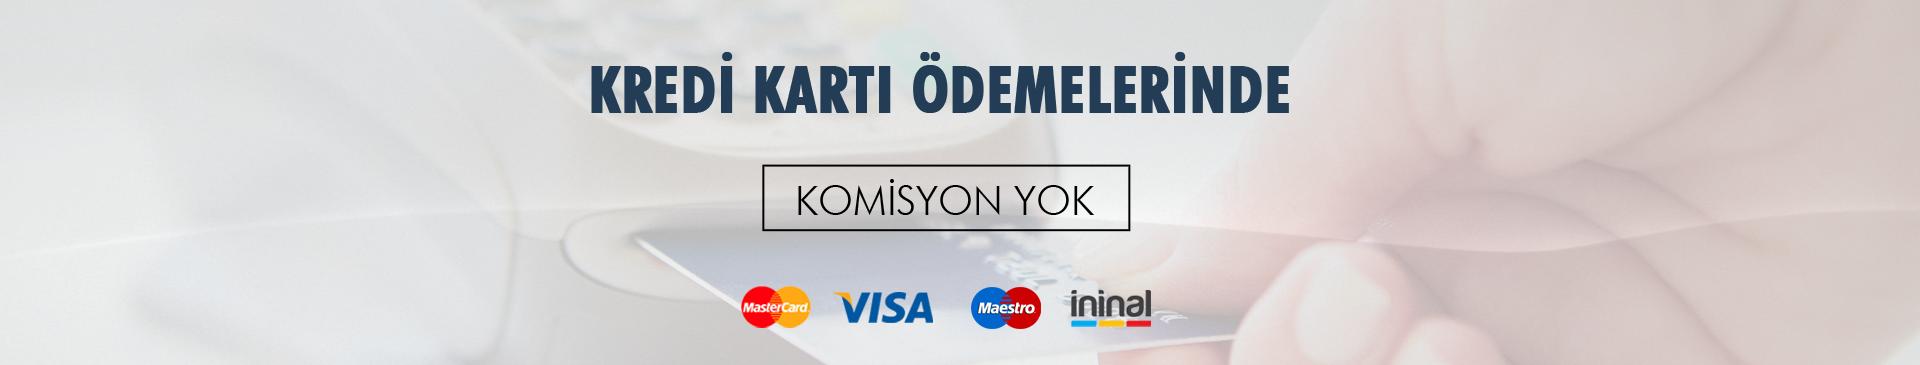 Kredi kartı ödemelerinde komisyon yok.